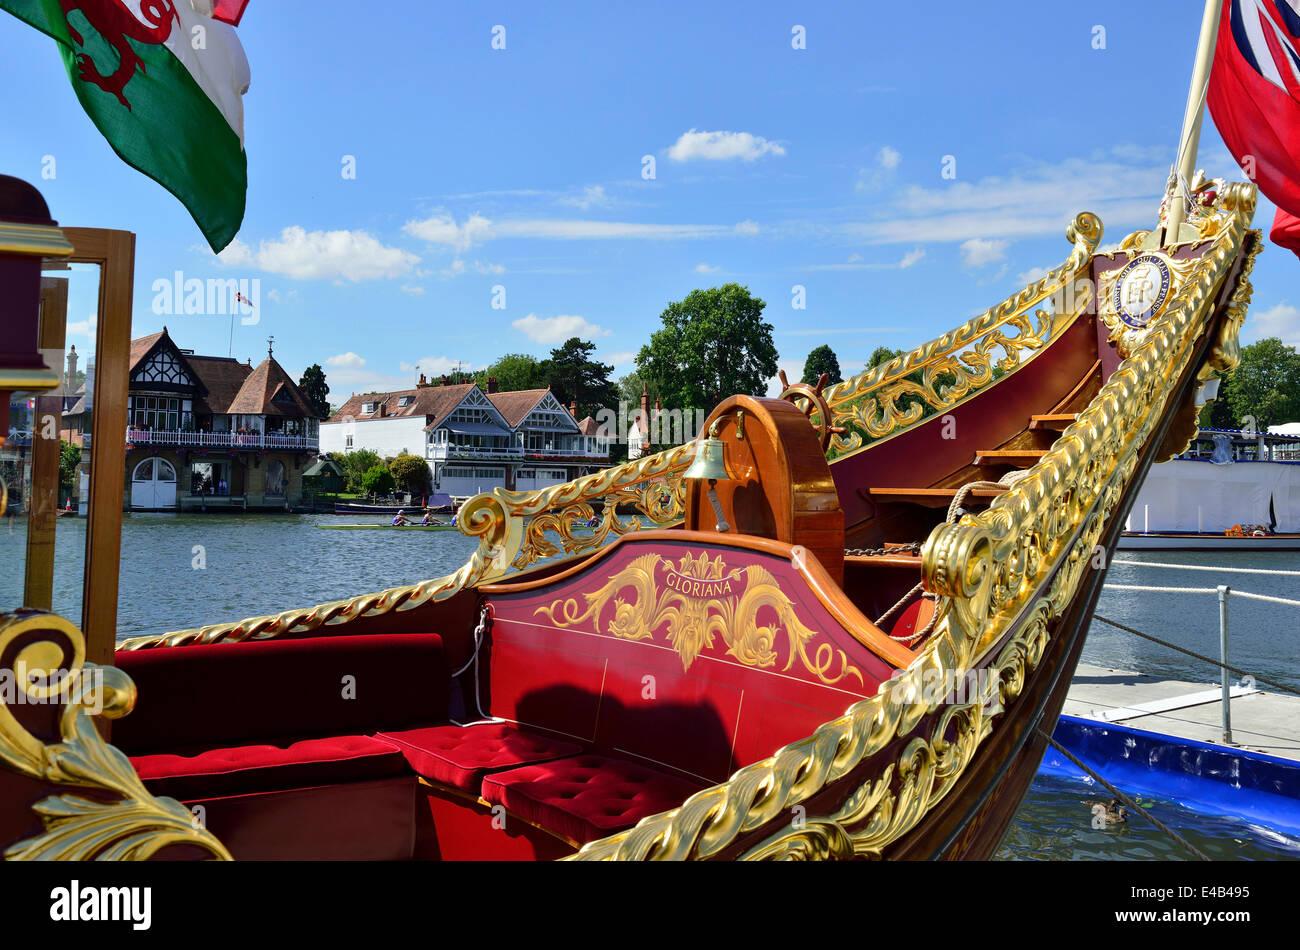 'La barge d'aviron Gloriana, construit pour le Jubilé de diamant de la Reine, sur le point de prendre Photo Stock